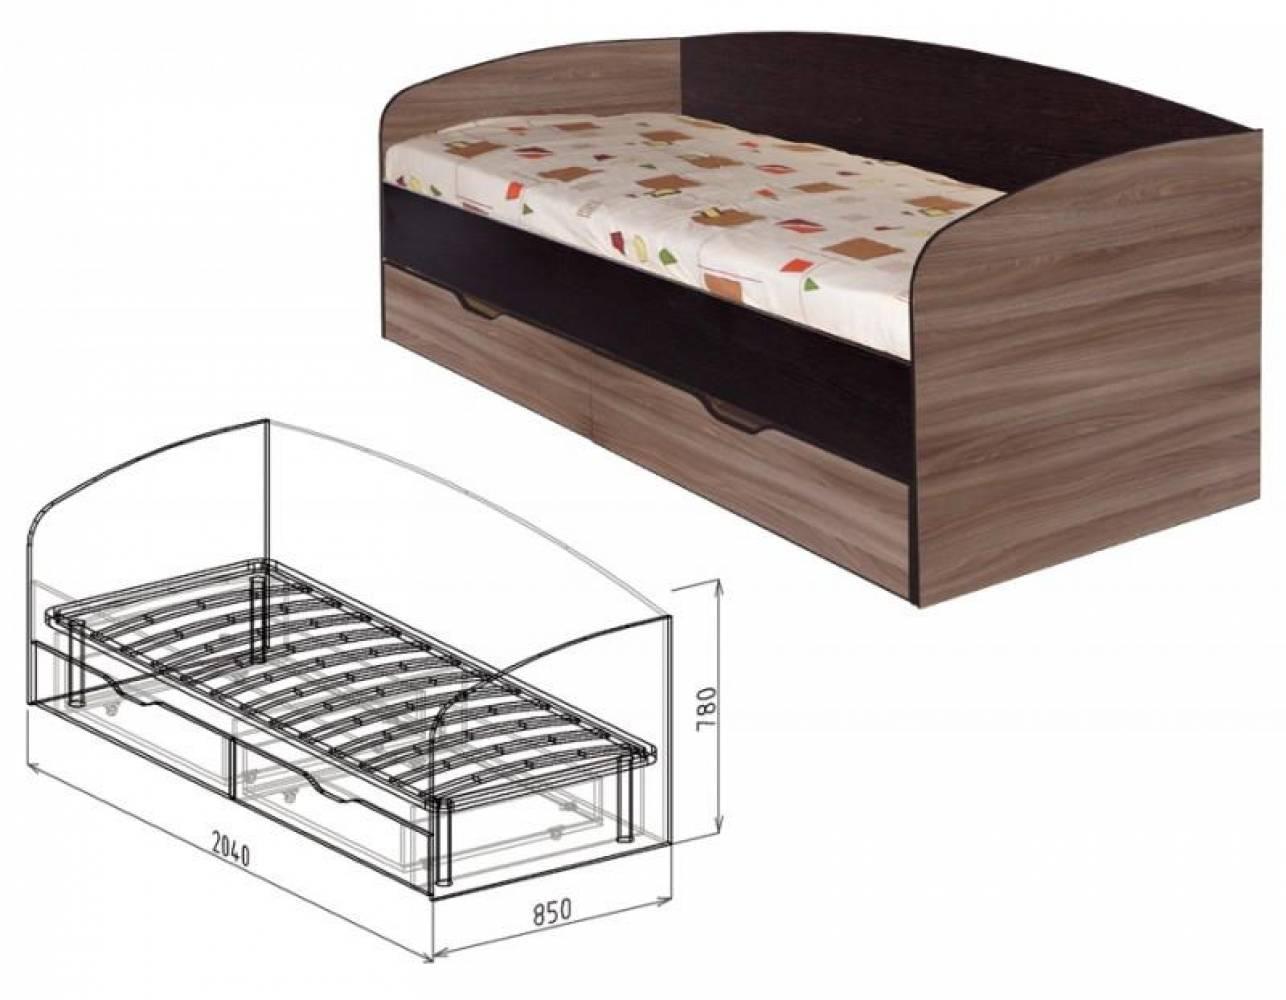 Кровать 800 с ящиками №24 СТАТУС (ясень шимо темный)